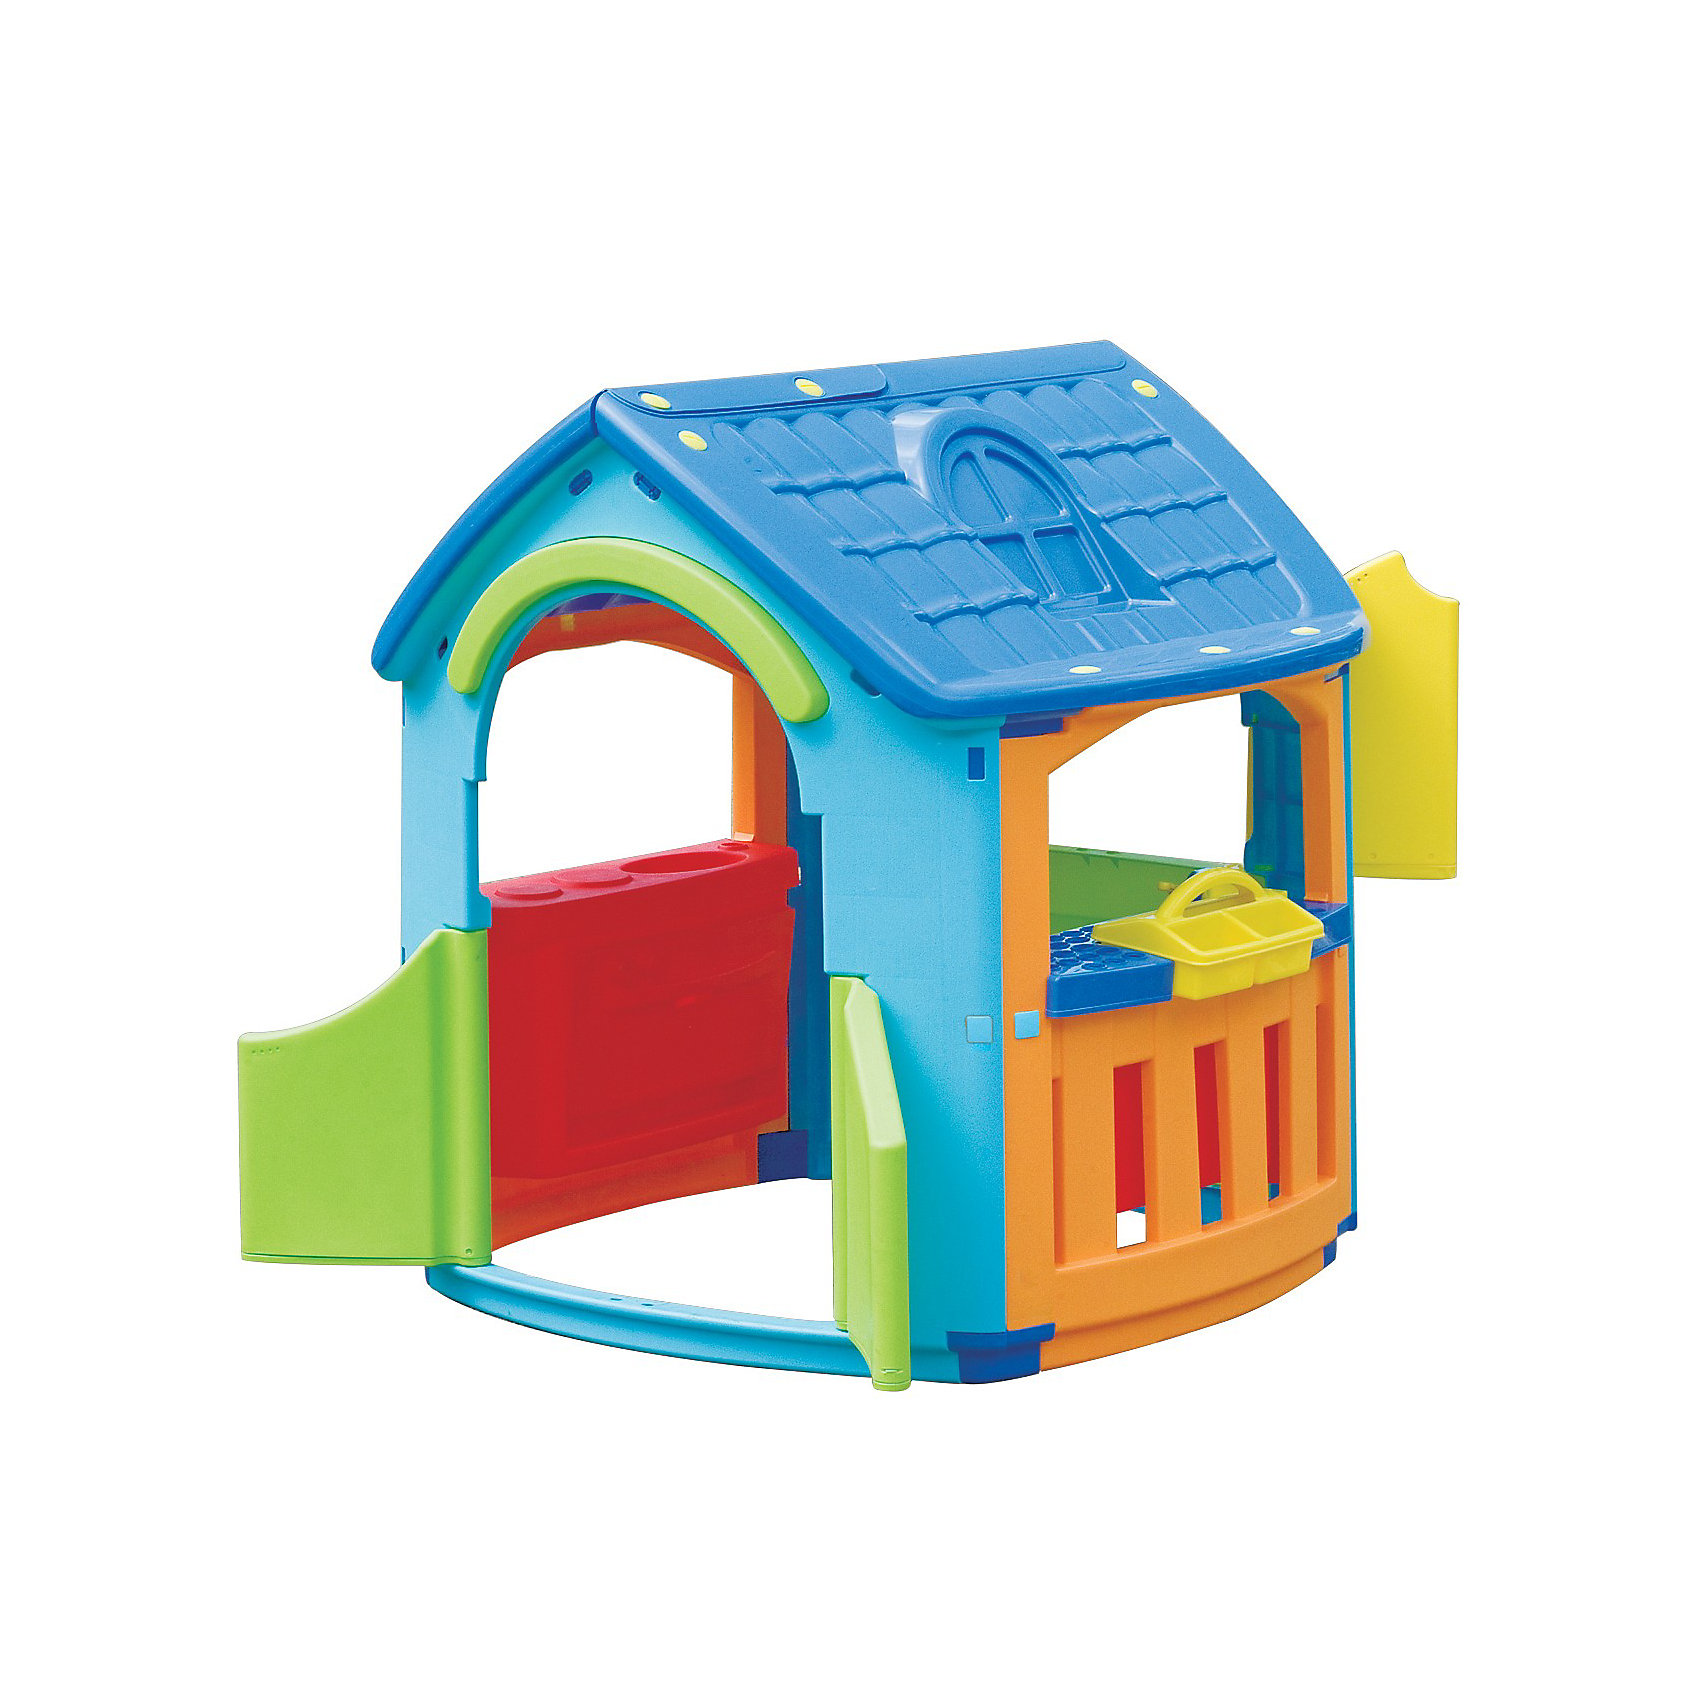 Marianplast Домик - Кухня - МастерскаяЧудесный игровой домик Marian Plast, сочетающий в себе кухню и мастерскую, понравится как мальчикам, так и  девочкам, подходит для детей от 2 лет,как для закрытого помещения, так и для улицы.<br><br>Домик быстро и легко собирается, выполнен из гипоаллергенного пластика, устойчивого к выцветанию с соблюдением Европейских стандартов качества для детских товаров.  <br>Специальные инструменты для сборки не требуются. Отдельные детали крепятся между собой при помощи пластиковых гаек, которые входят в комплект. Конструкция домика Marian Plast  Кухня Мастерская очень надежная и устойчивая.<br>Домик выполнен из приятного шероховатого пластика.<br>Распашные дверки открываются в любую сторону, в закрытом состоянии одна створка фиксируется снизу. Из трех окошек на террасе одно имеет ставенки, которые так же фиксируются в закрытом состоянии.<br><br>Дополнительная информация:<br><br>- Размер домика: 101x108x110.5 см <br>- Размер упаковки 114x92x33 см <br>- Вес: 15,13 кг, с упаковкой 18,01 кг<br><br> В этом домике ваш малыш не только будет увлеченно играть, но и сможет принимать гостей. Комплекс стимулирует малыша к движению, развивает воображение и стратегическое мышление.<br><br>Ширина мм: 1010<br>Глубина мм: 1080<br>Высота мм: 1105<br>Вес г: 17980<br>Возраст от месяцев: 18<br>Возраст до месяцев: 144<br>Пол: Унисекс<br>Возраст: Детский<br>SKU: 2442784